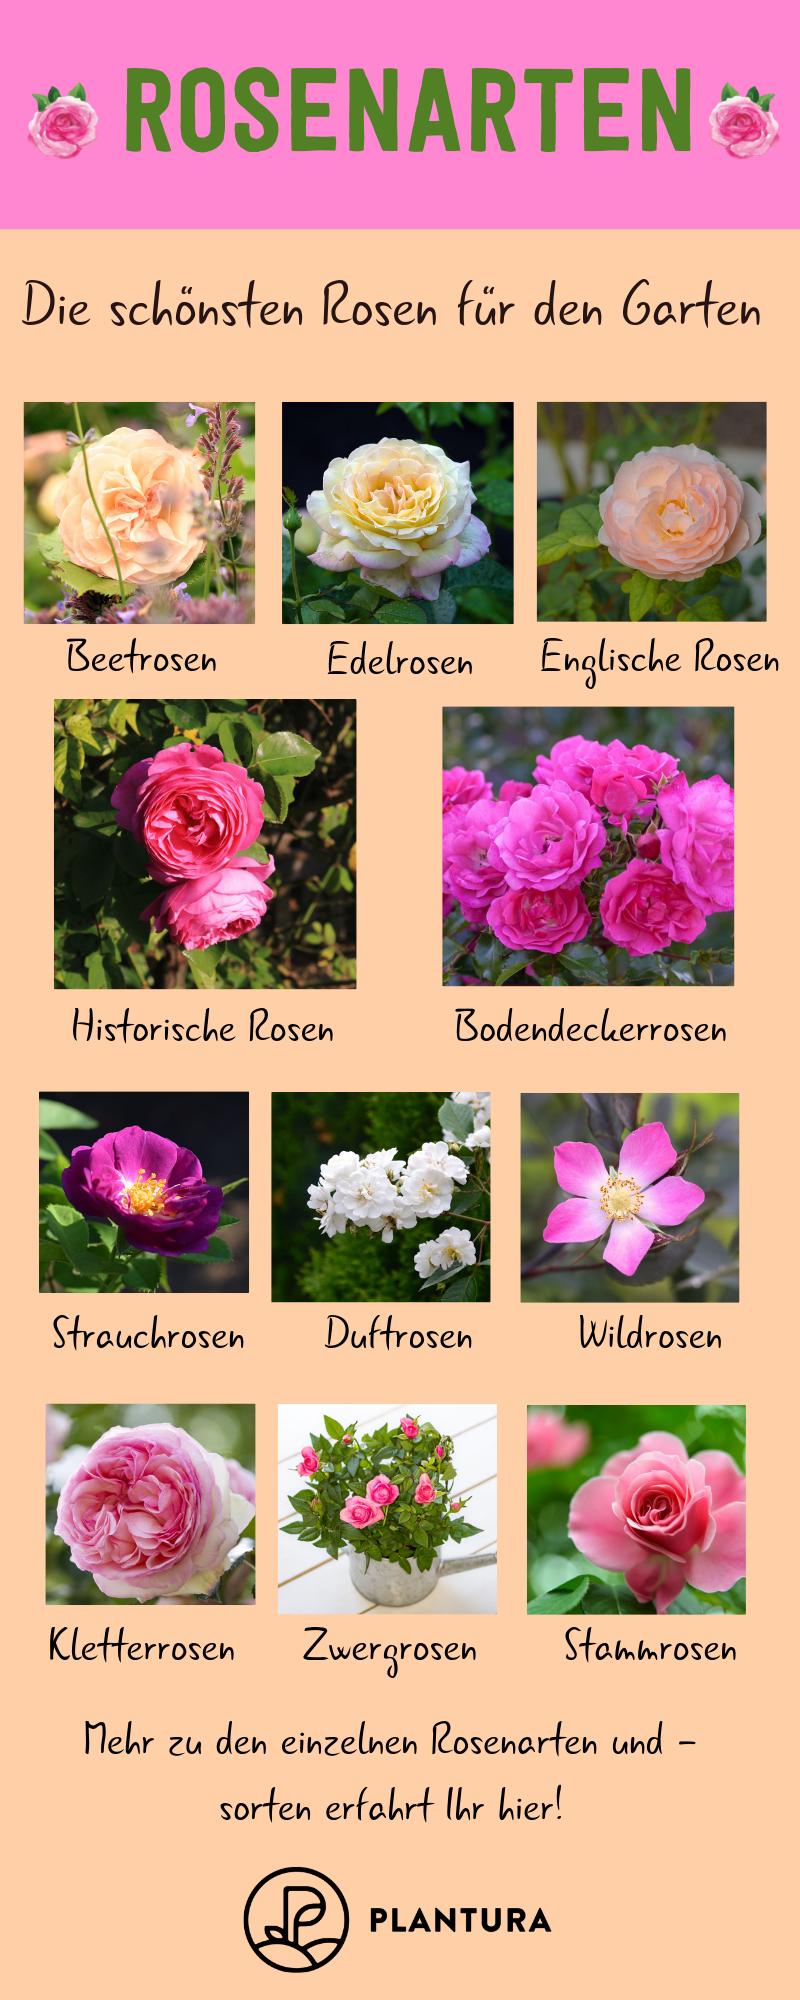 Rosenarten: Die 12 schönsten Rosenklassen im Überblick - Plantura #kleinekräutergärten